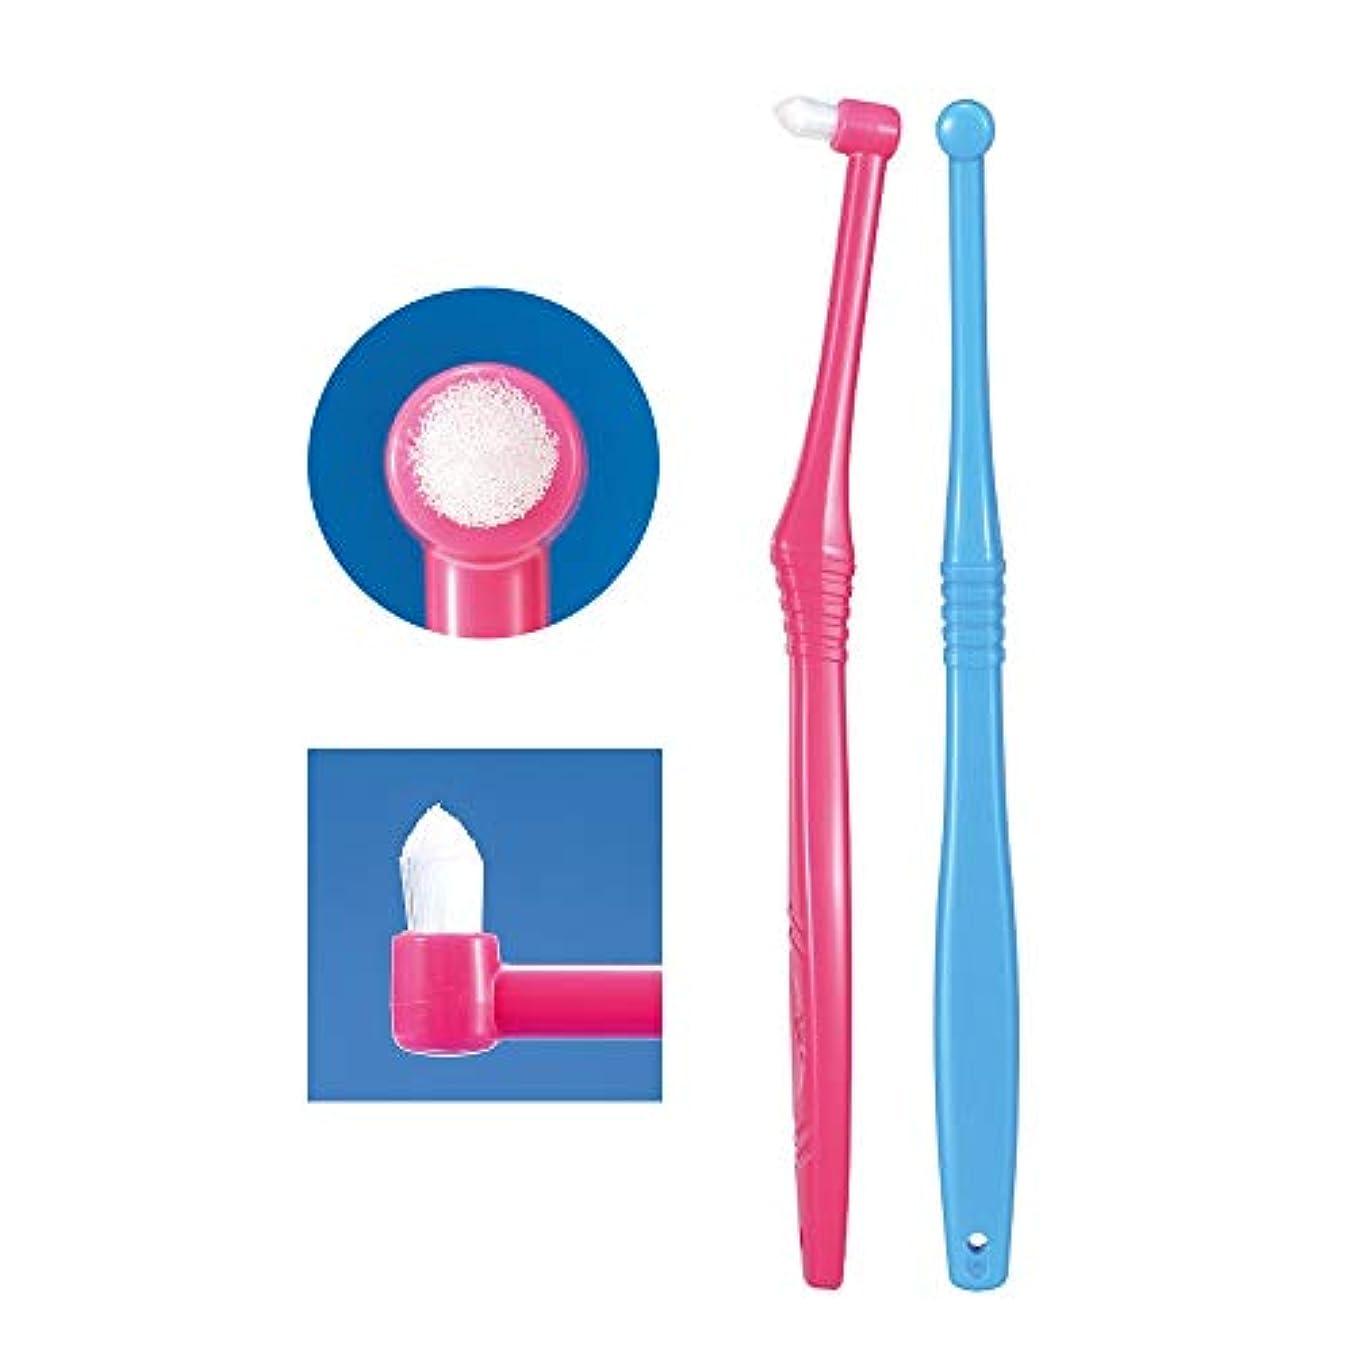 スーツデュアルフルートCi PROワンタフト 1本 ラージヘッド S(やわらかめ) ポイント磨き 歯科専売品